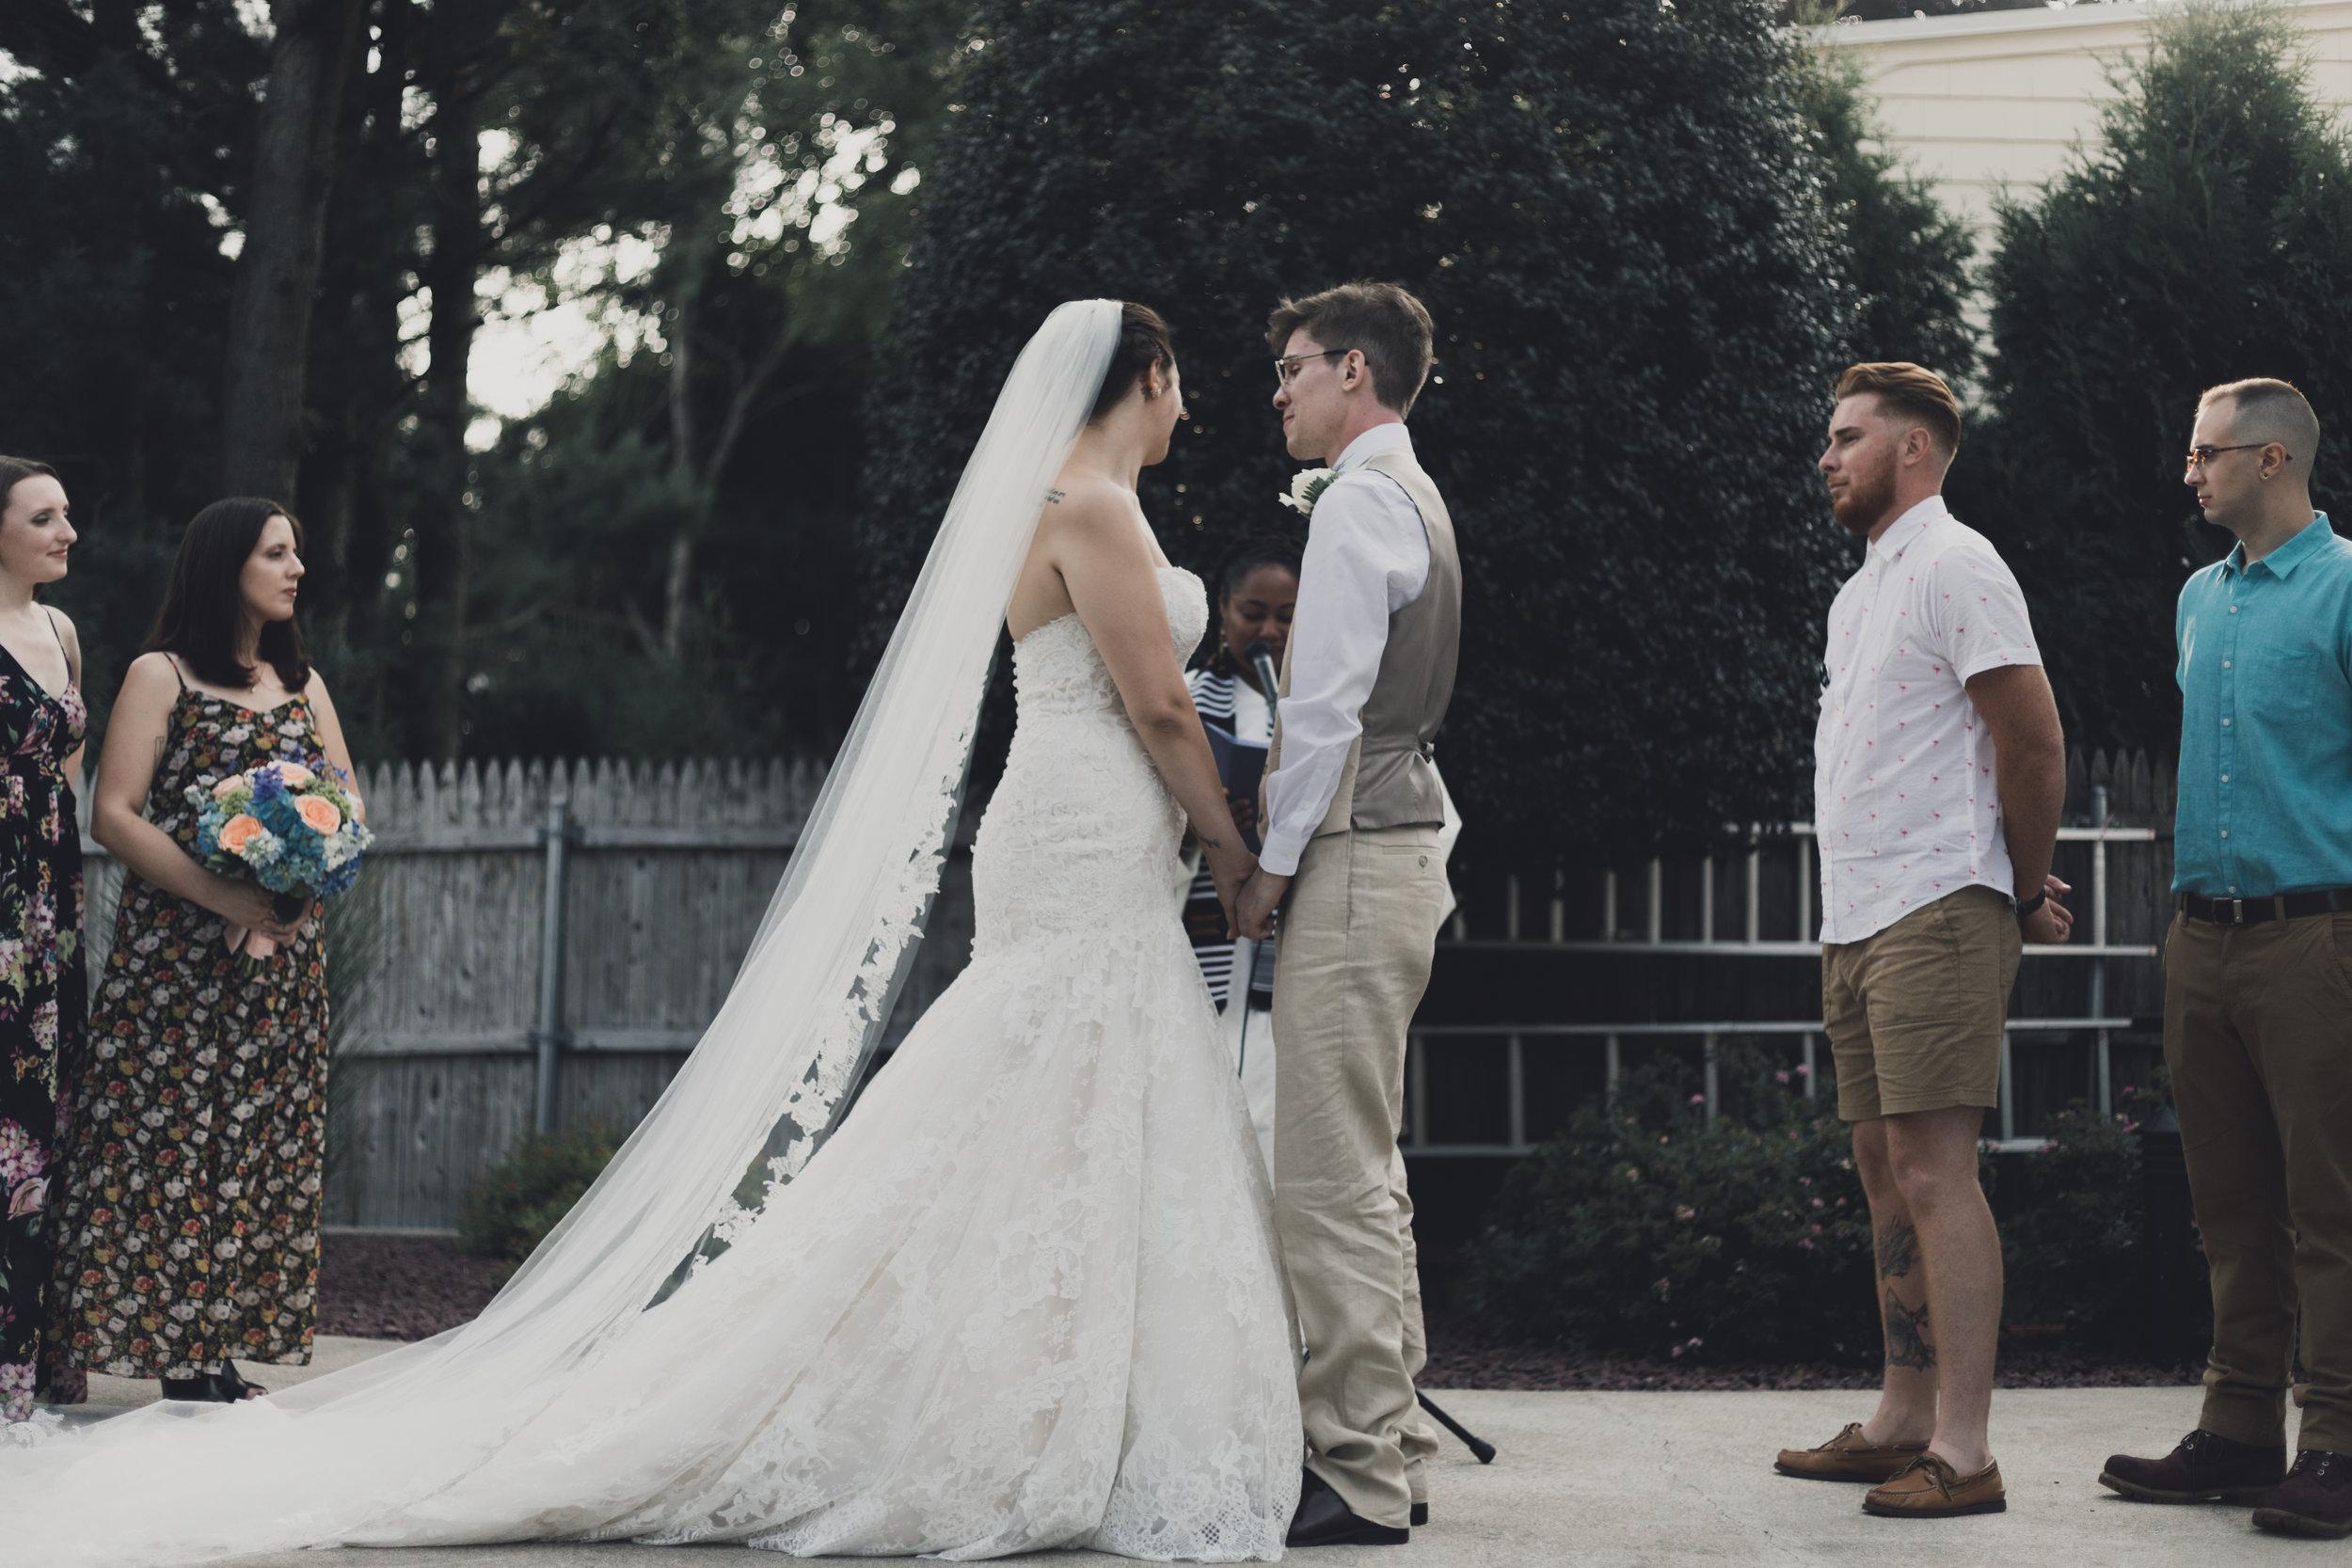 180825_Robinson_K+J_Wedding_005.jpg